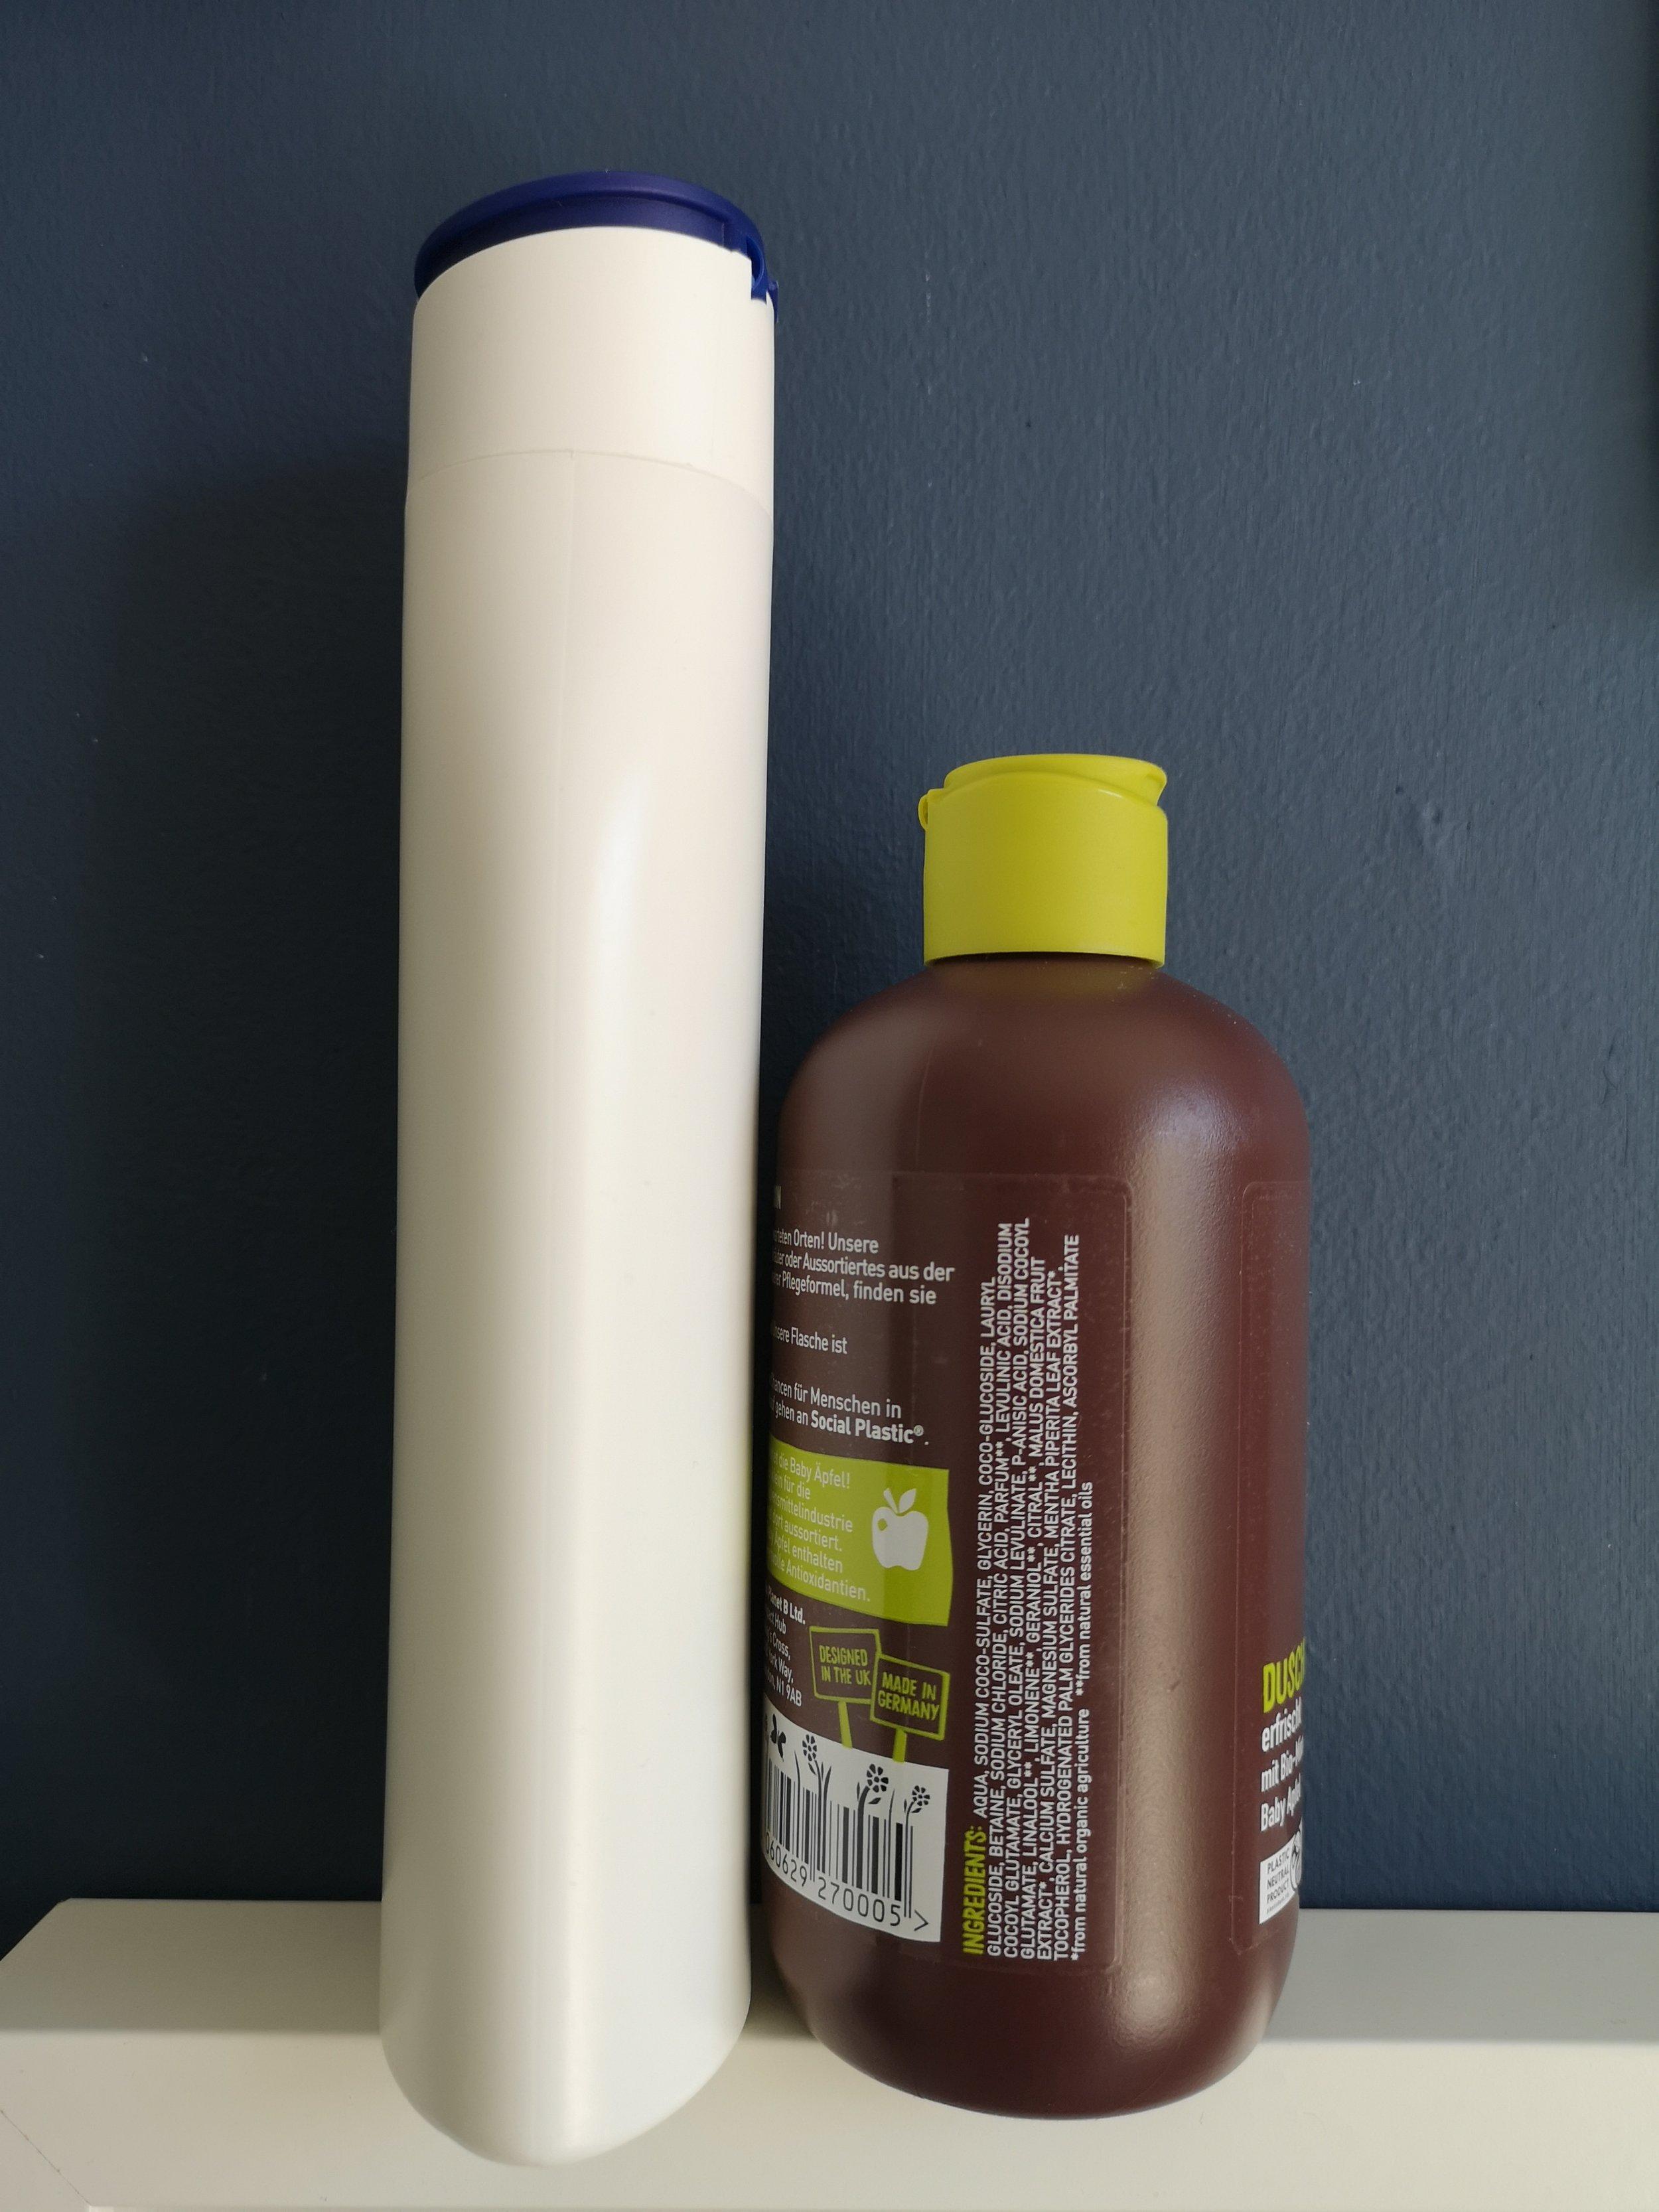 """Man sieht erst von der Seite, dass die Flasche lang und schlank ist. Ein Beispiel von vielen für eine """"shelf-optimised bottle""""."""